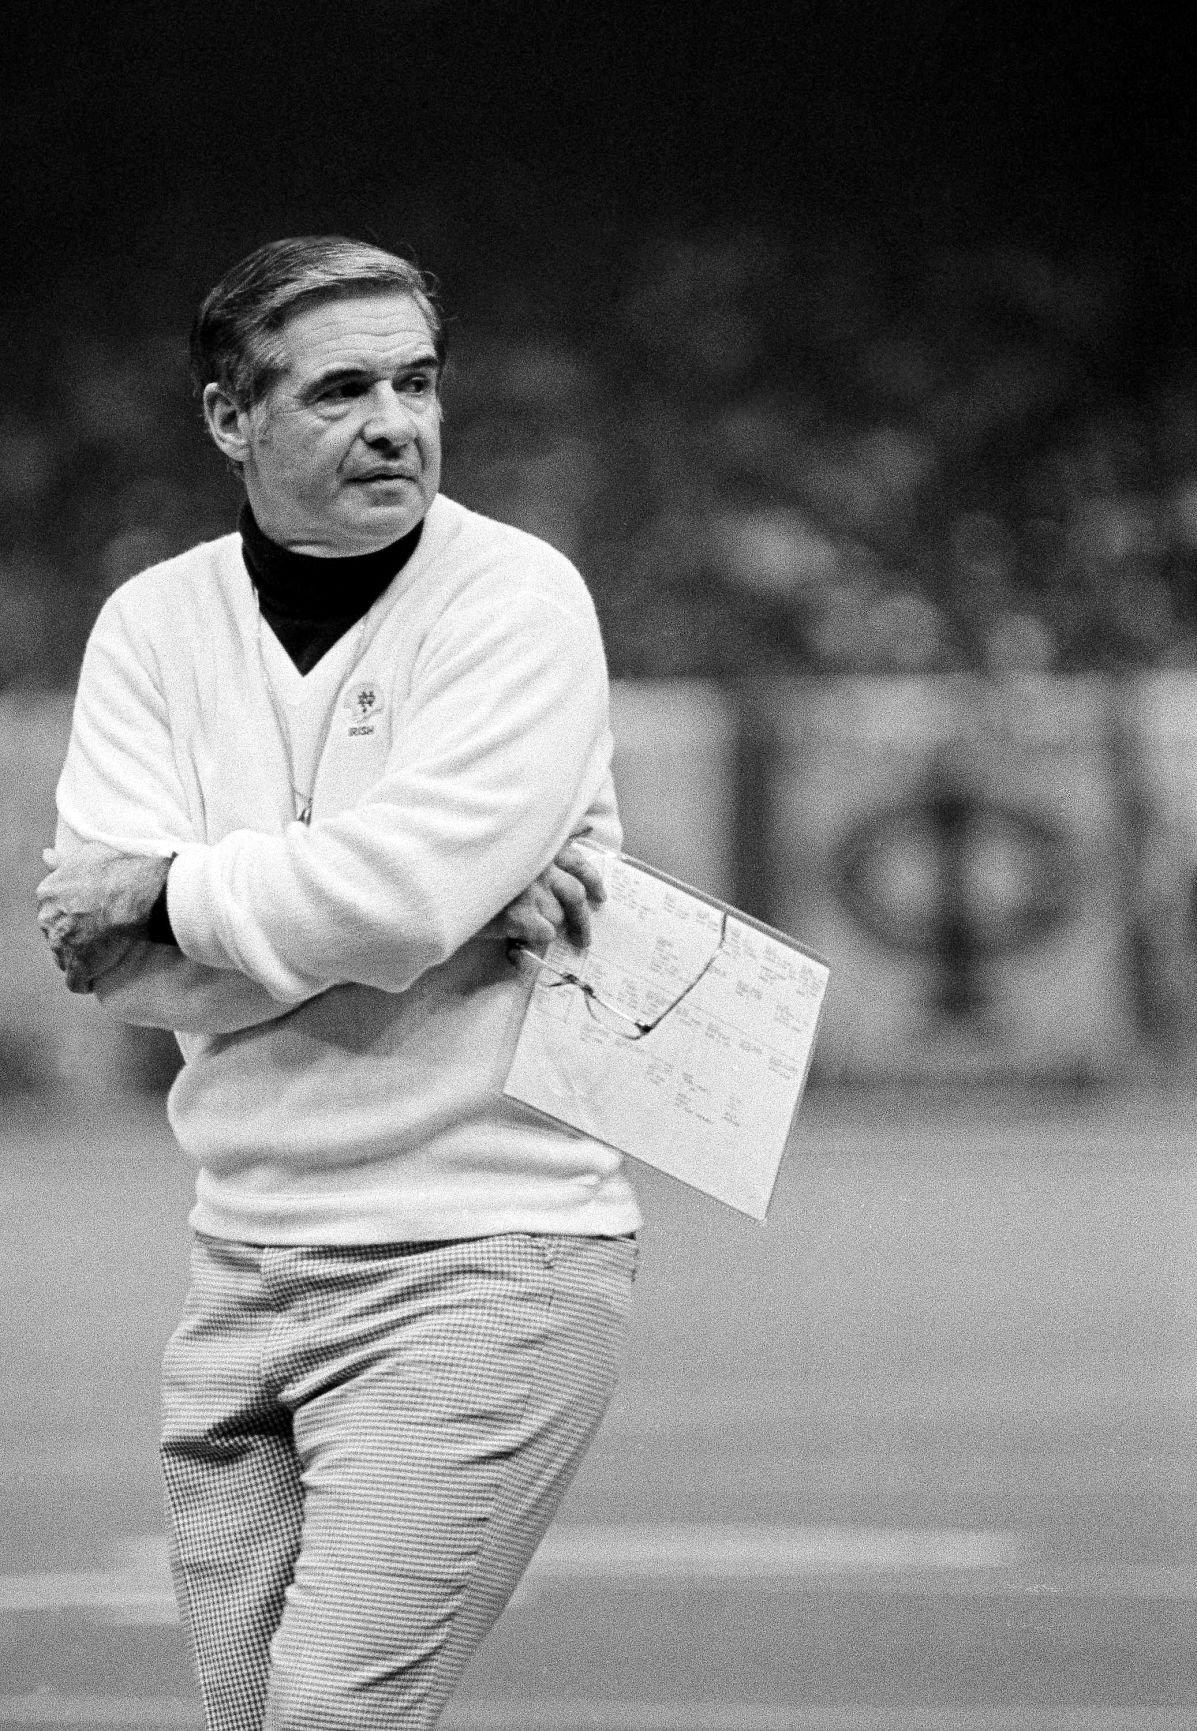 Notre Dame Coach Dan Devine